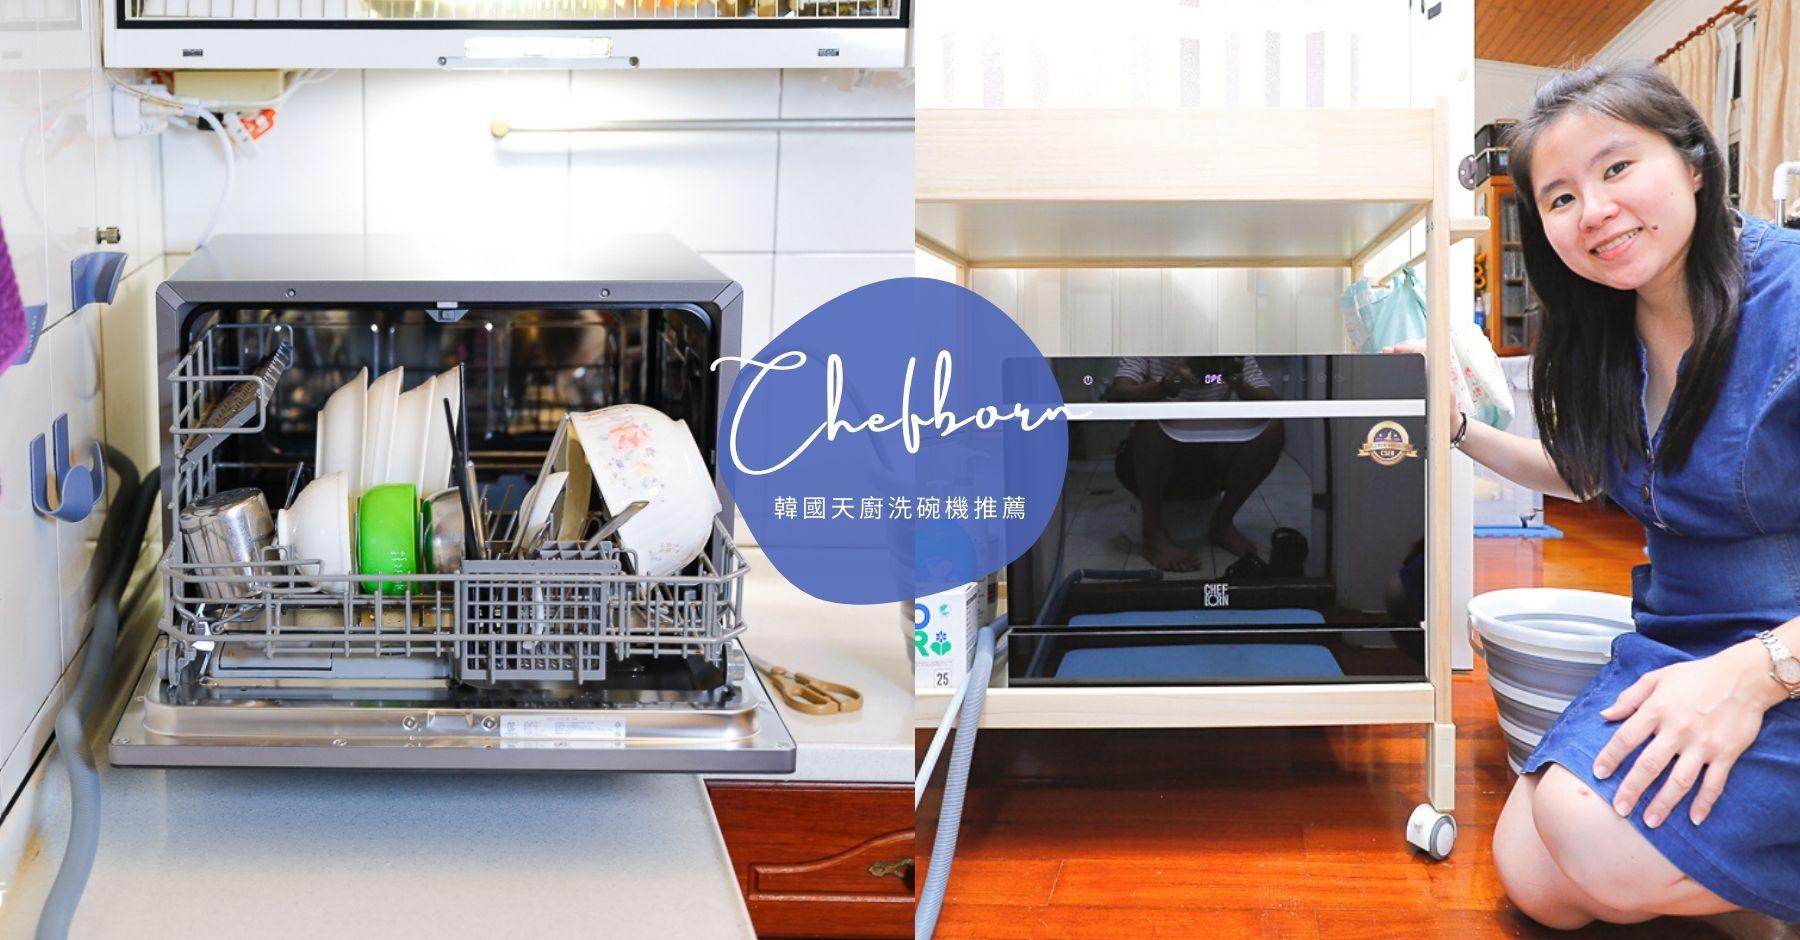 新手爸媽救星!洗碗機推薦|韓國天廚8人份免安裝獨立式紫外線洗碗機|自動開門烘乾優缺點